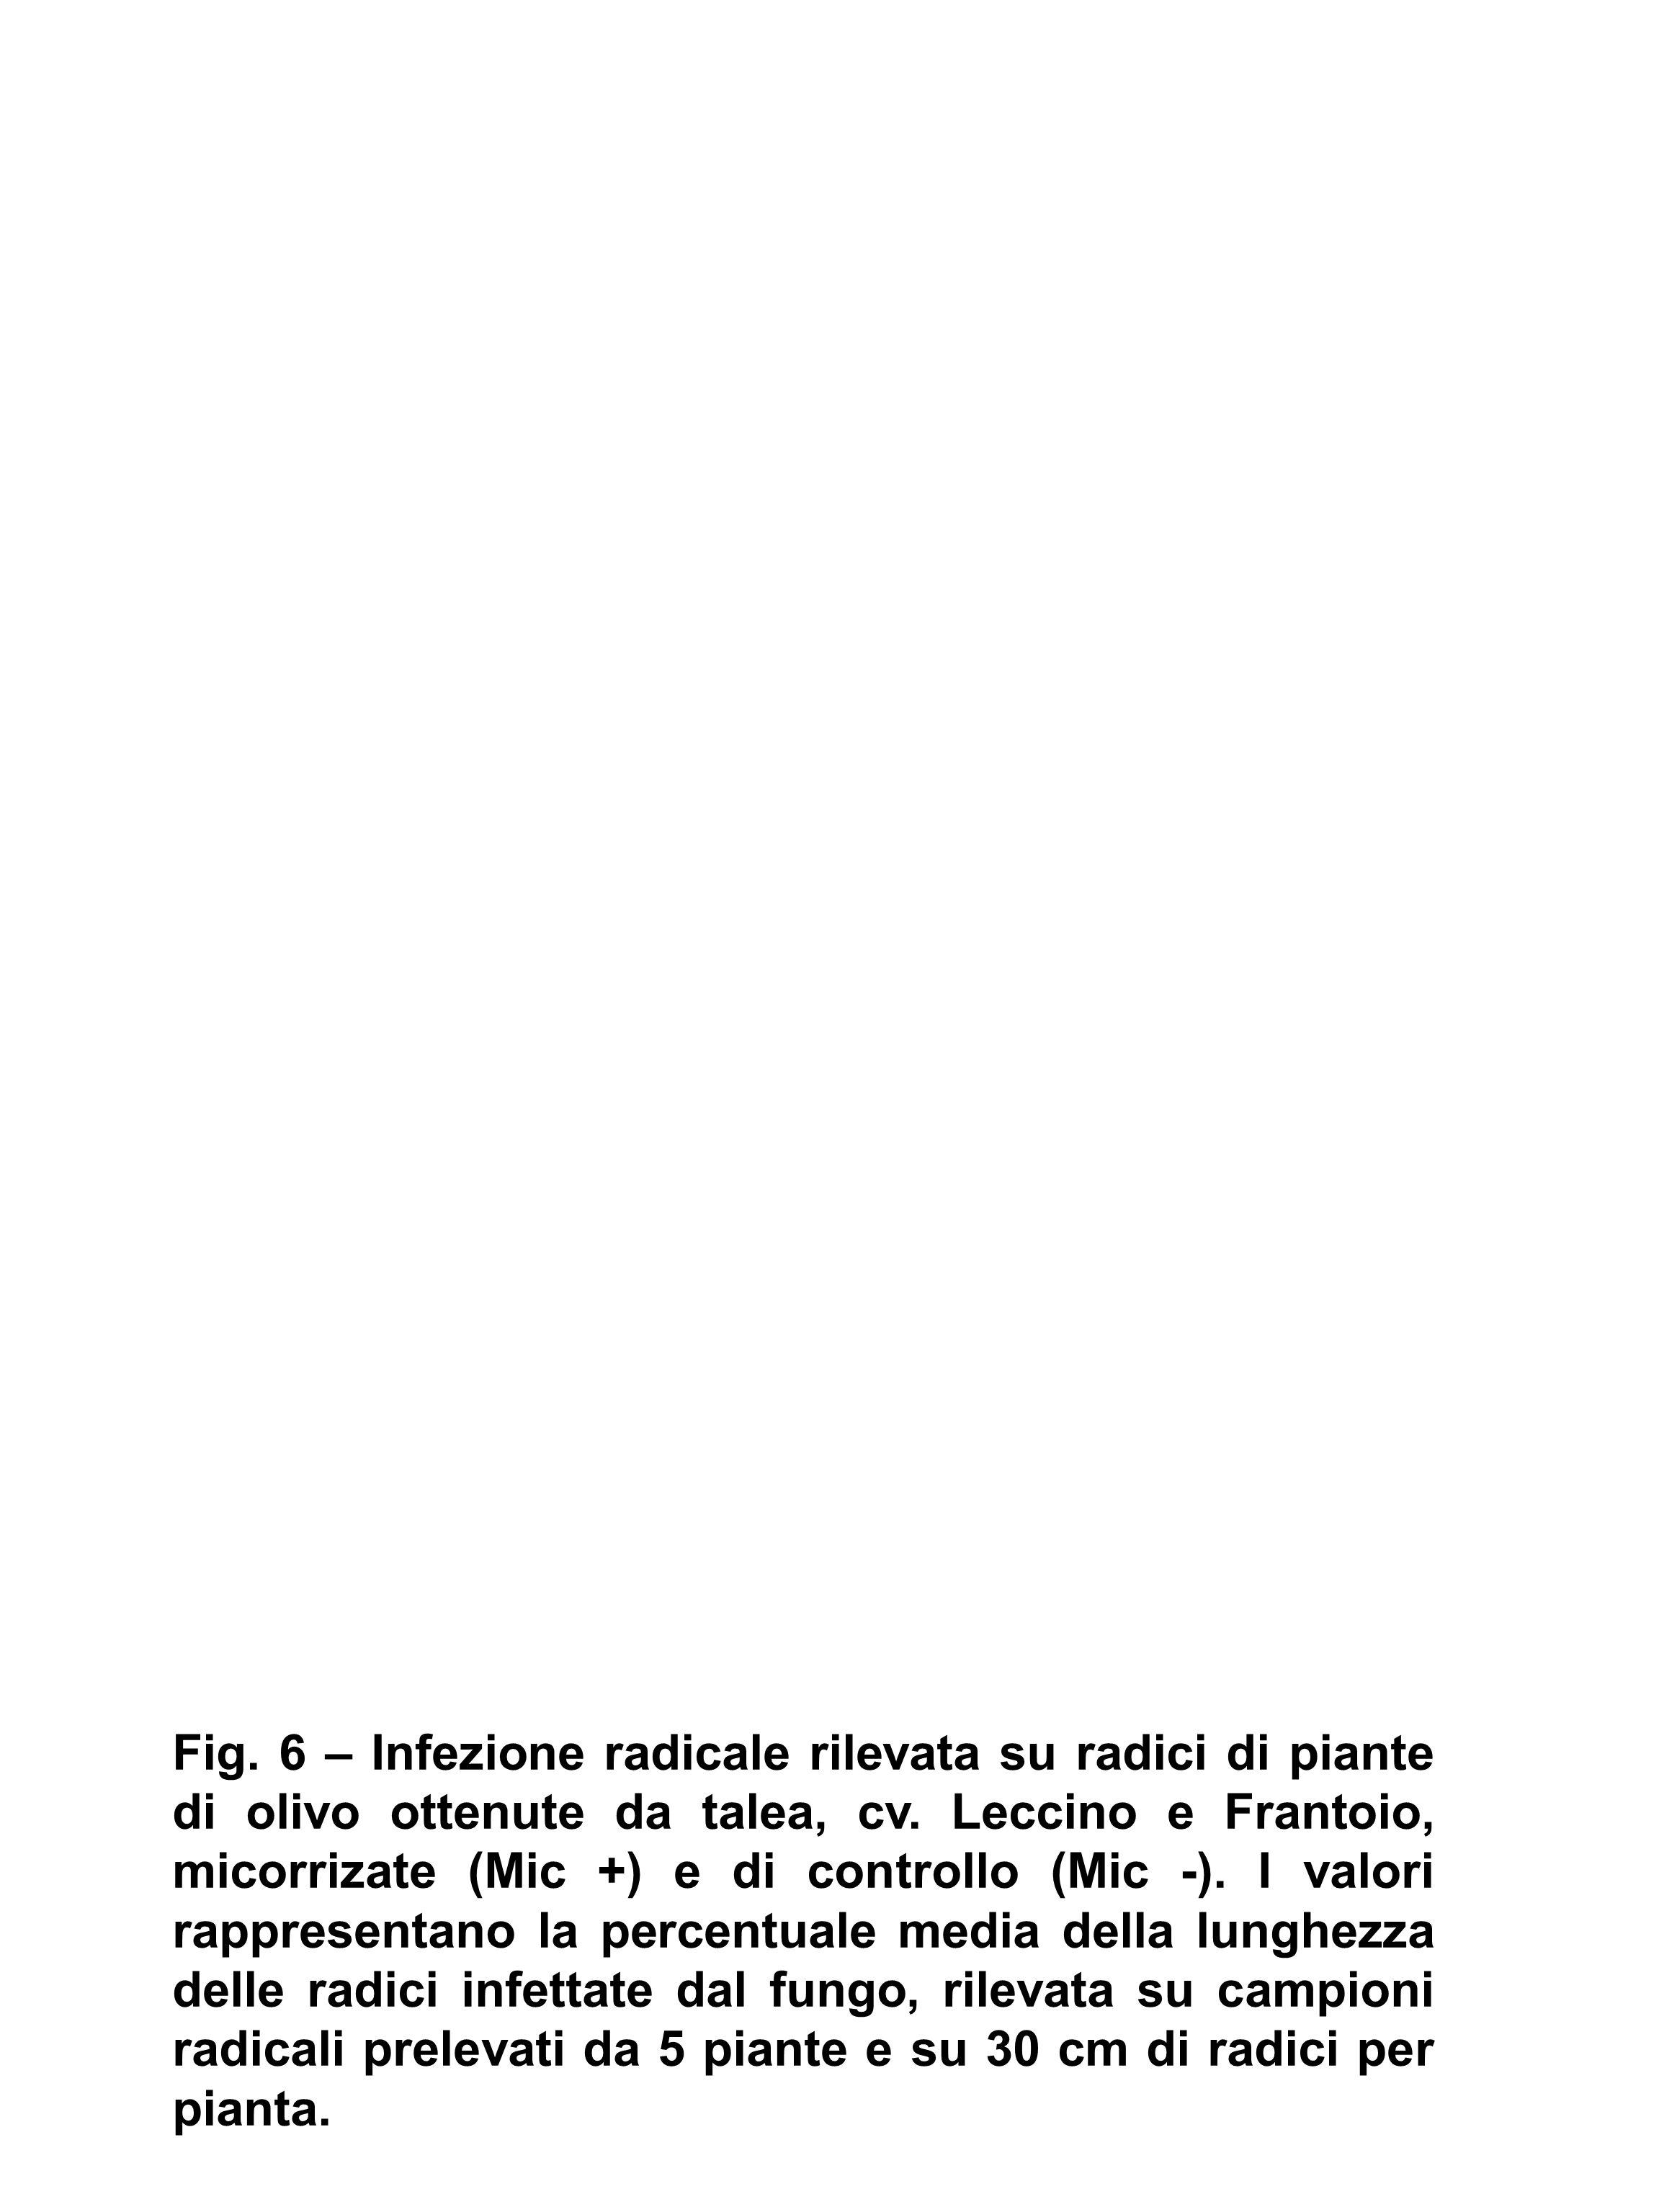 Fig.6 – Infezione radicale rilevata su radici di piante di olivo ottenute da talea, cv.